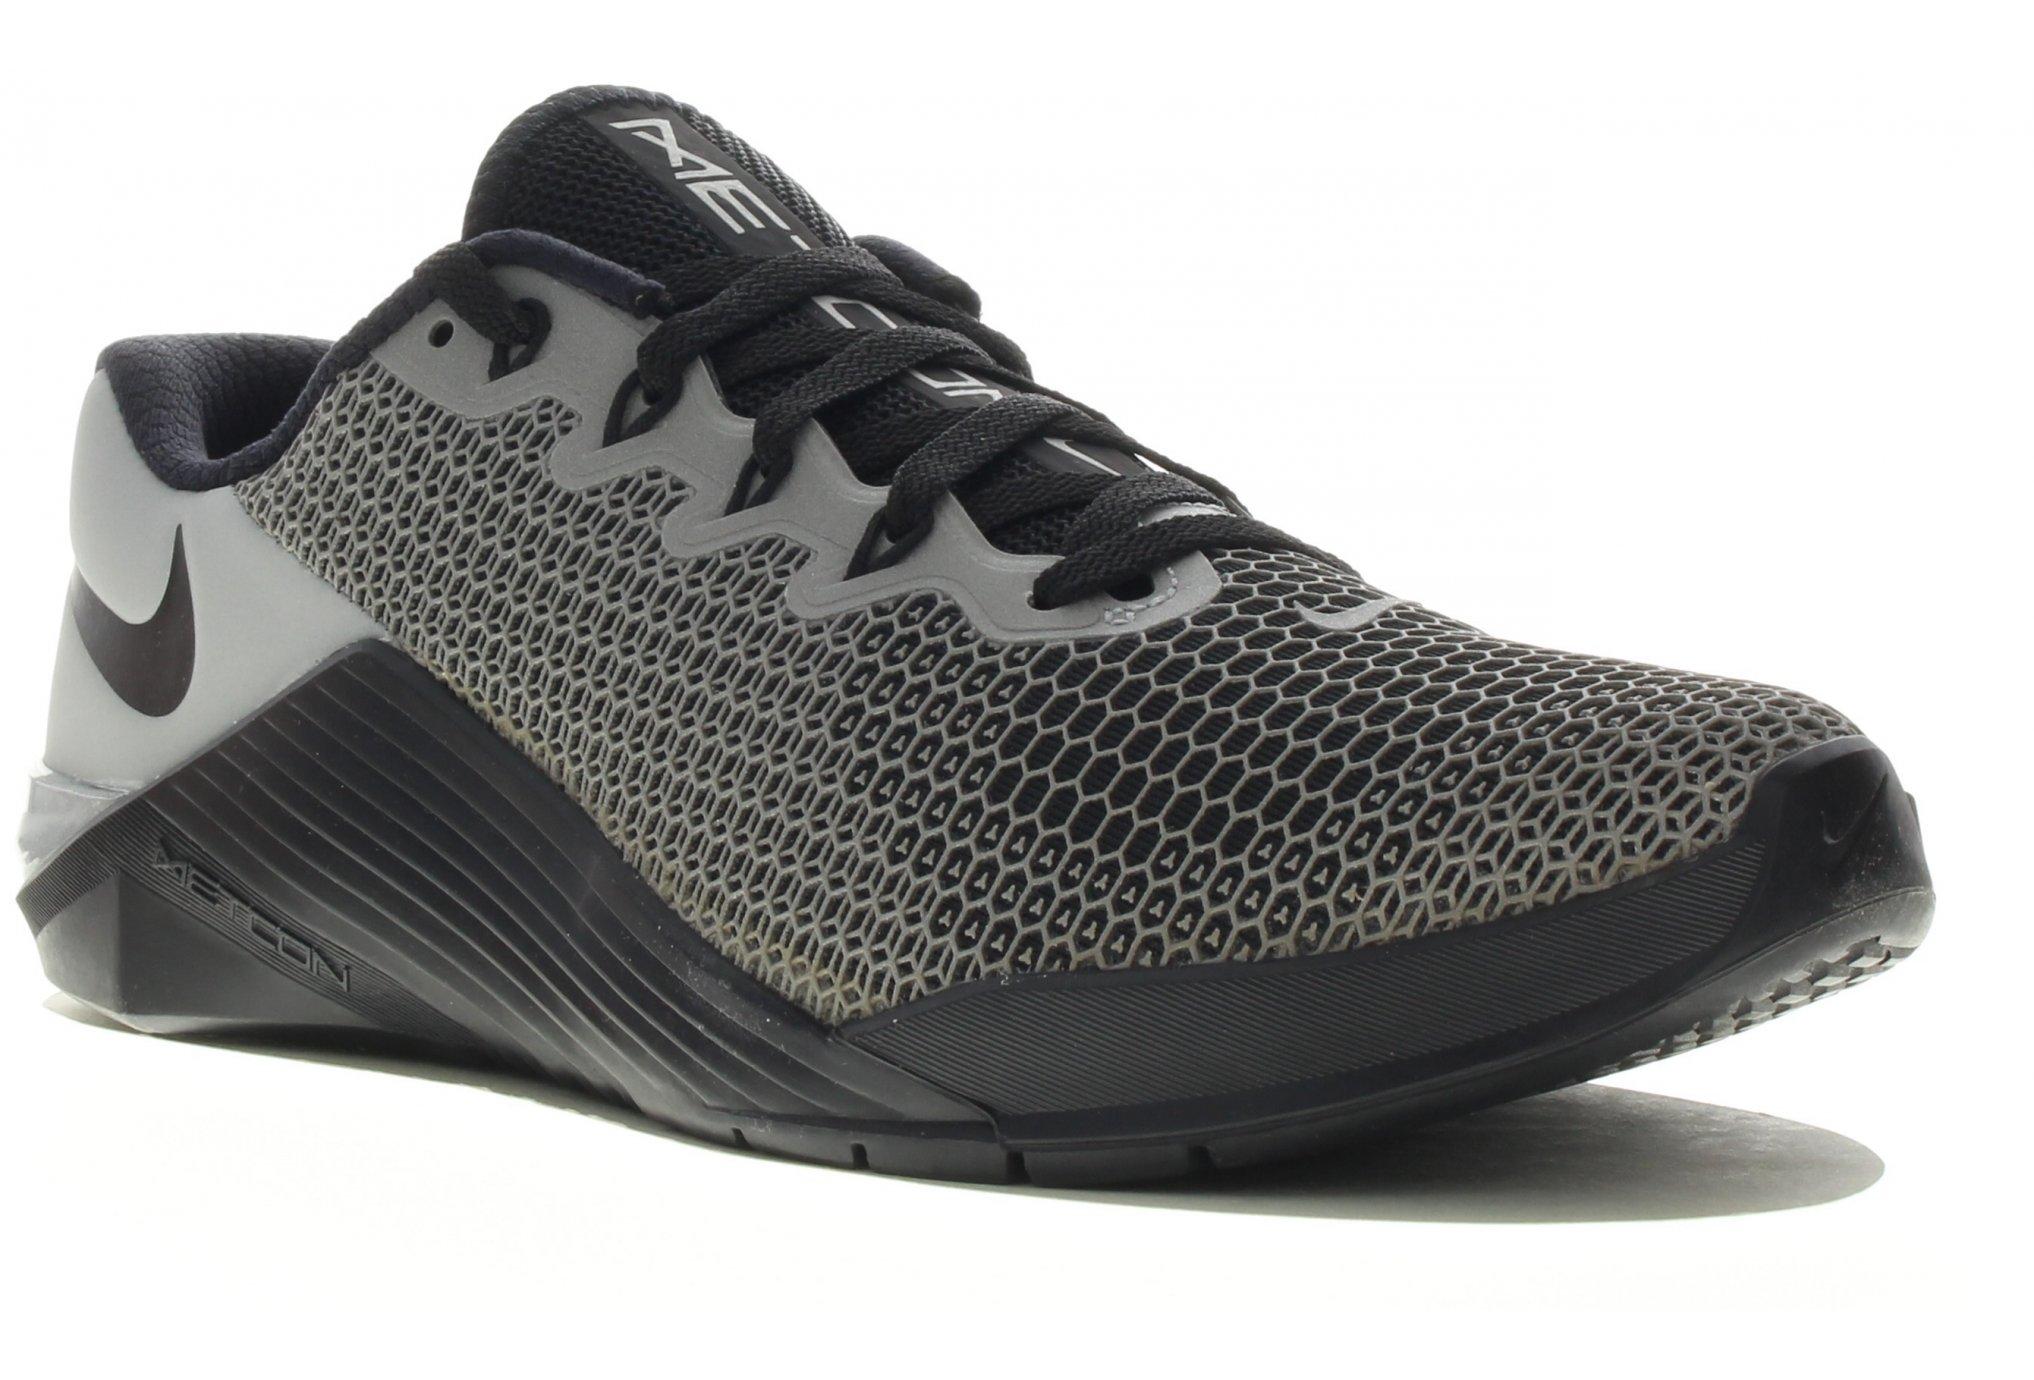 Nike Metcon 5 X W Diététique Chaussures femme